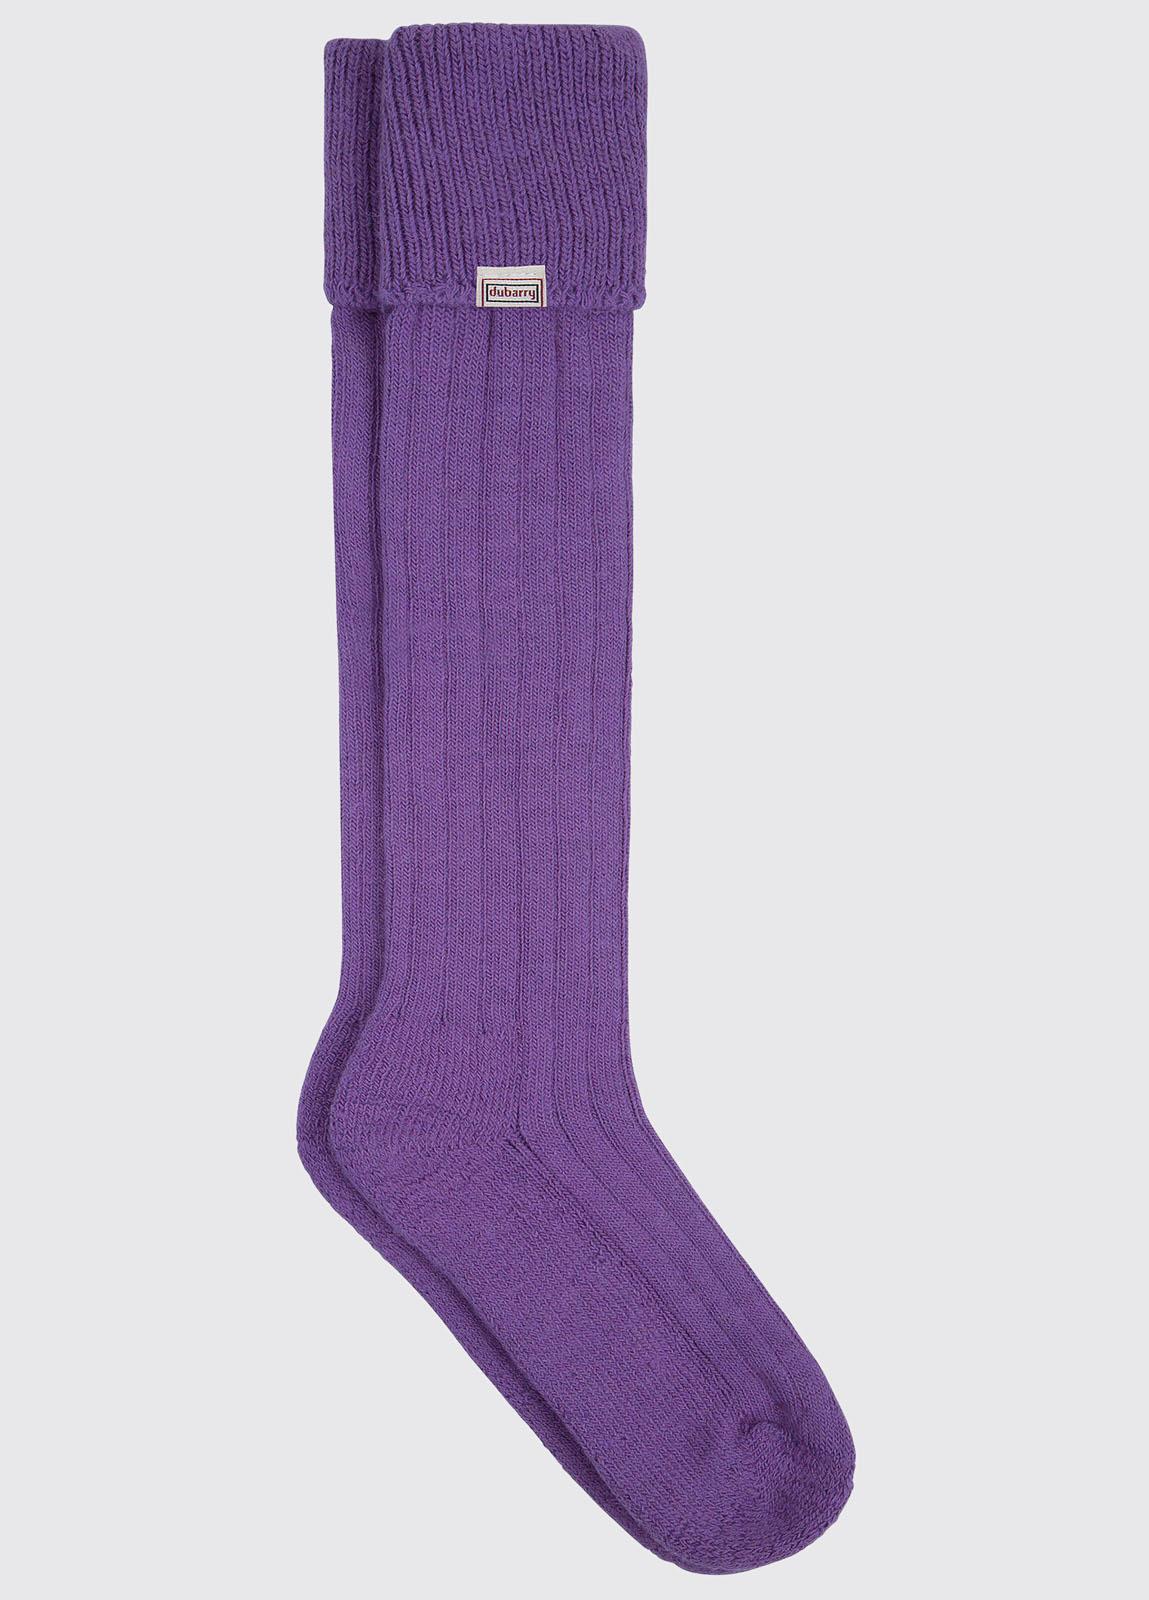 Alpaka knielange Socken - Whiskey